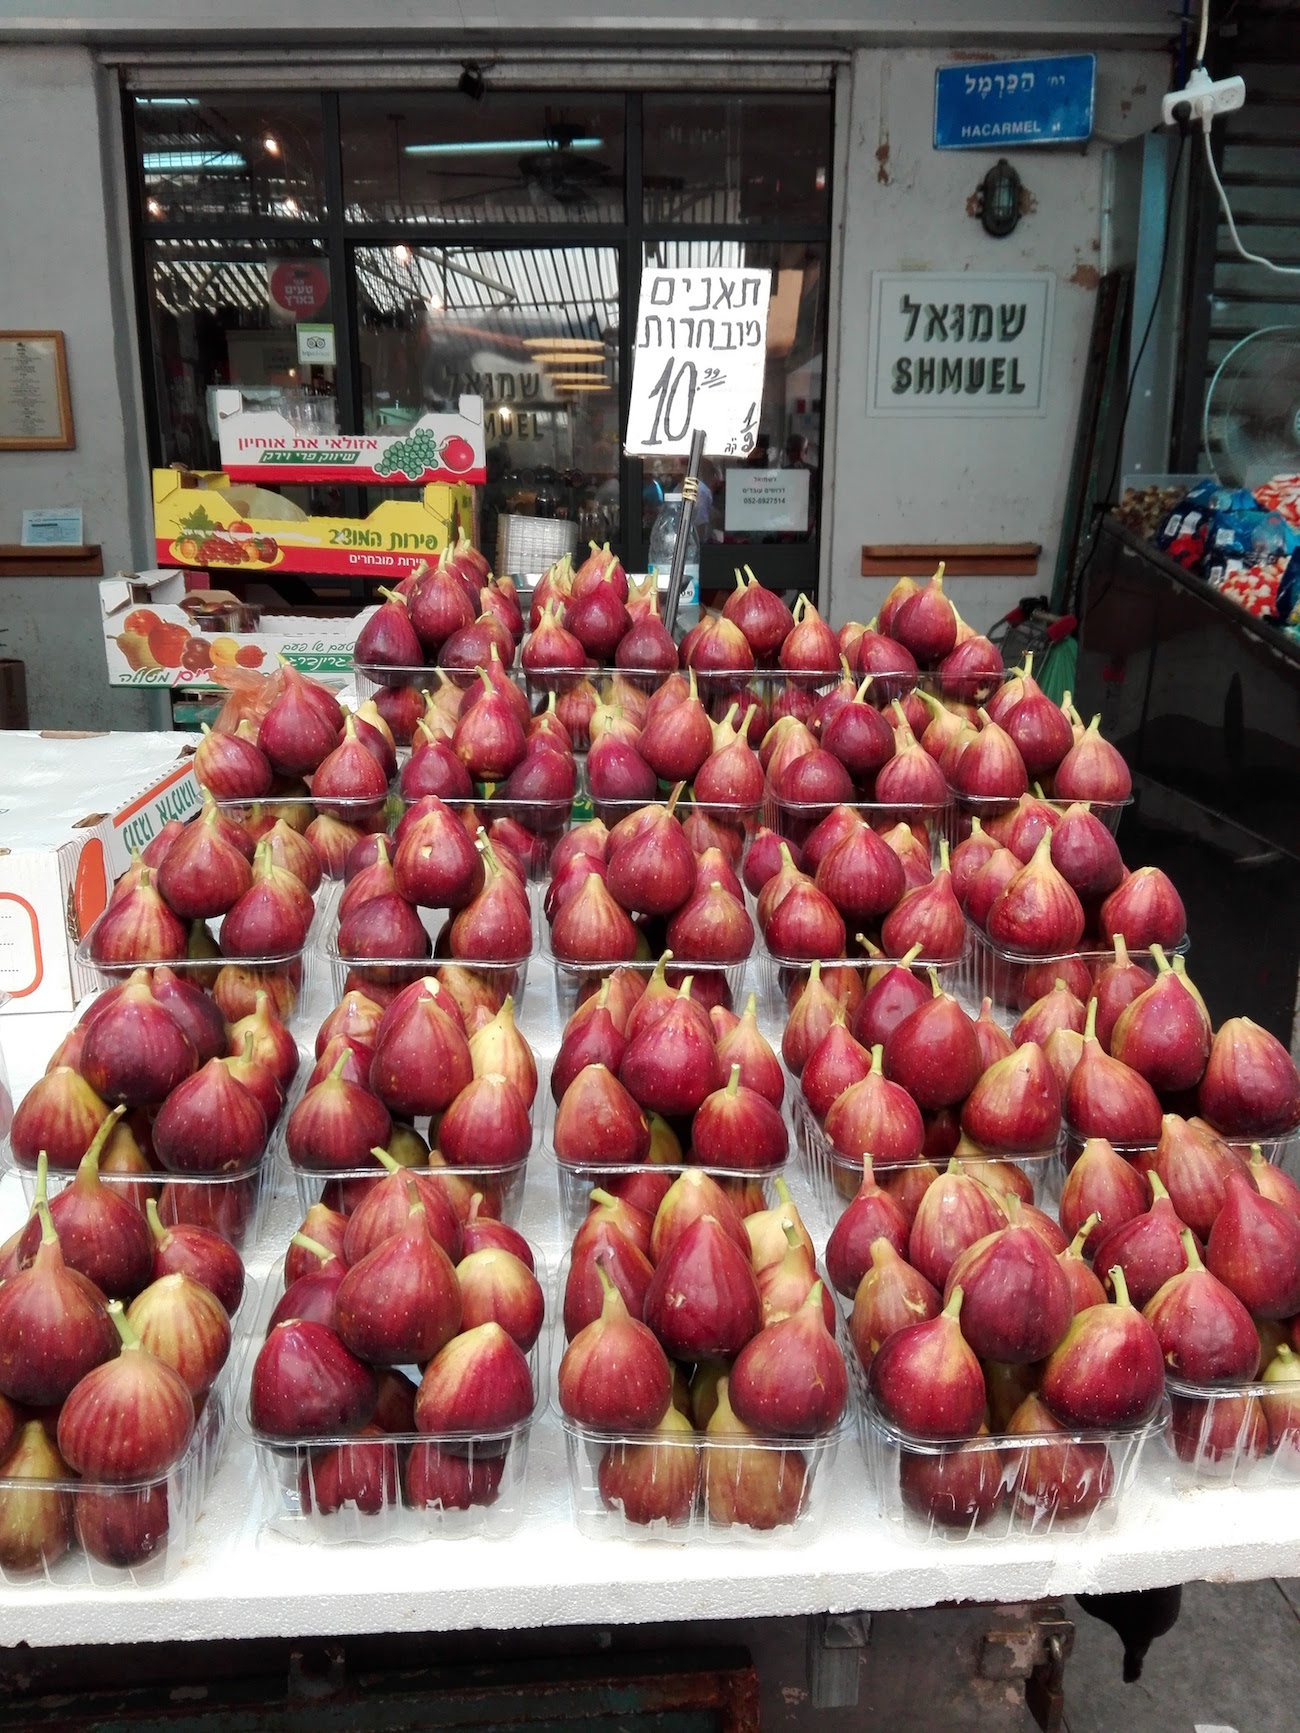 ISRAEL-Market.jpg